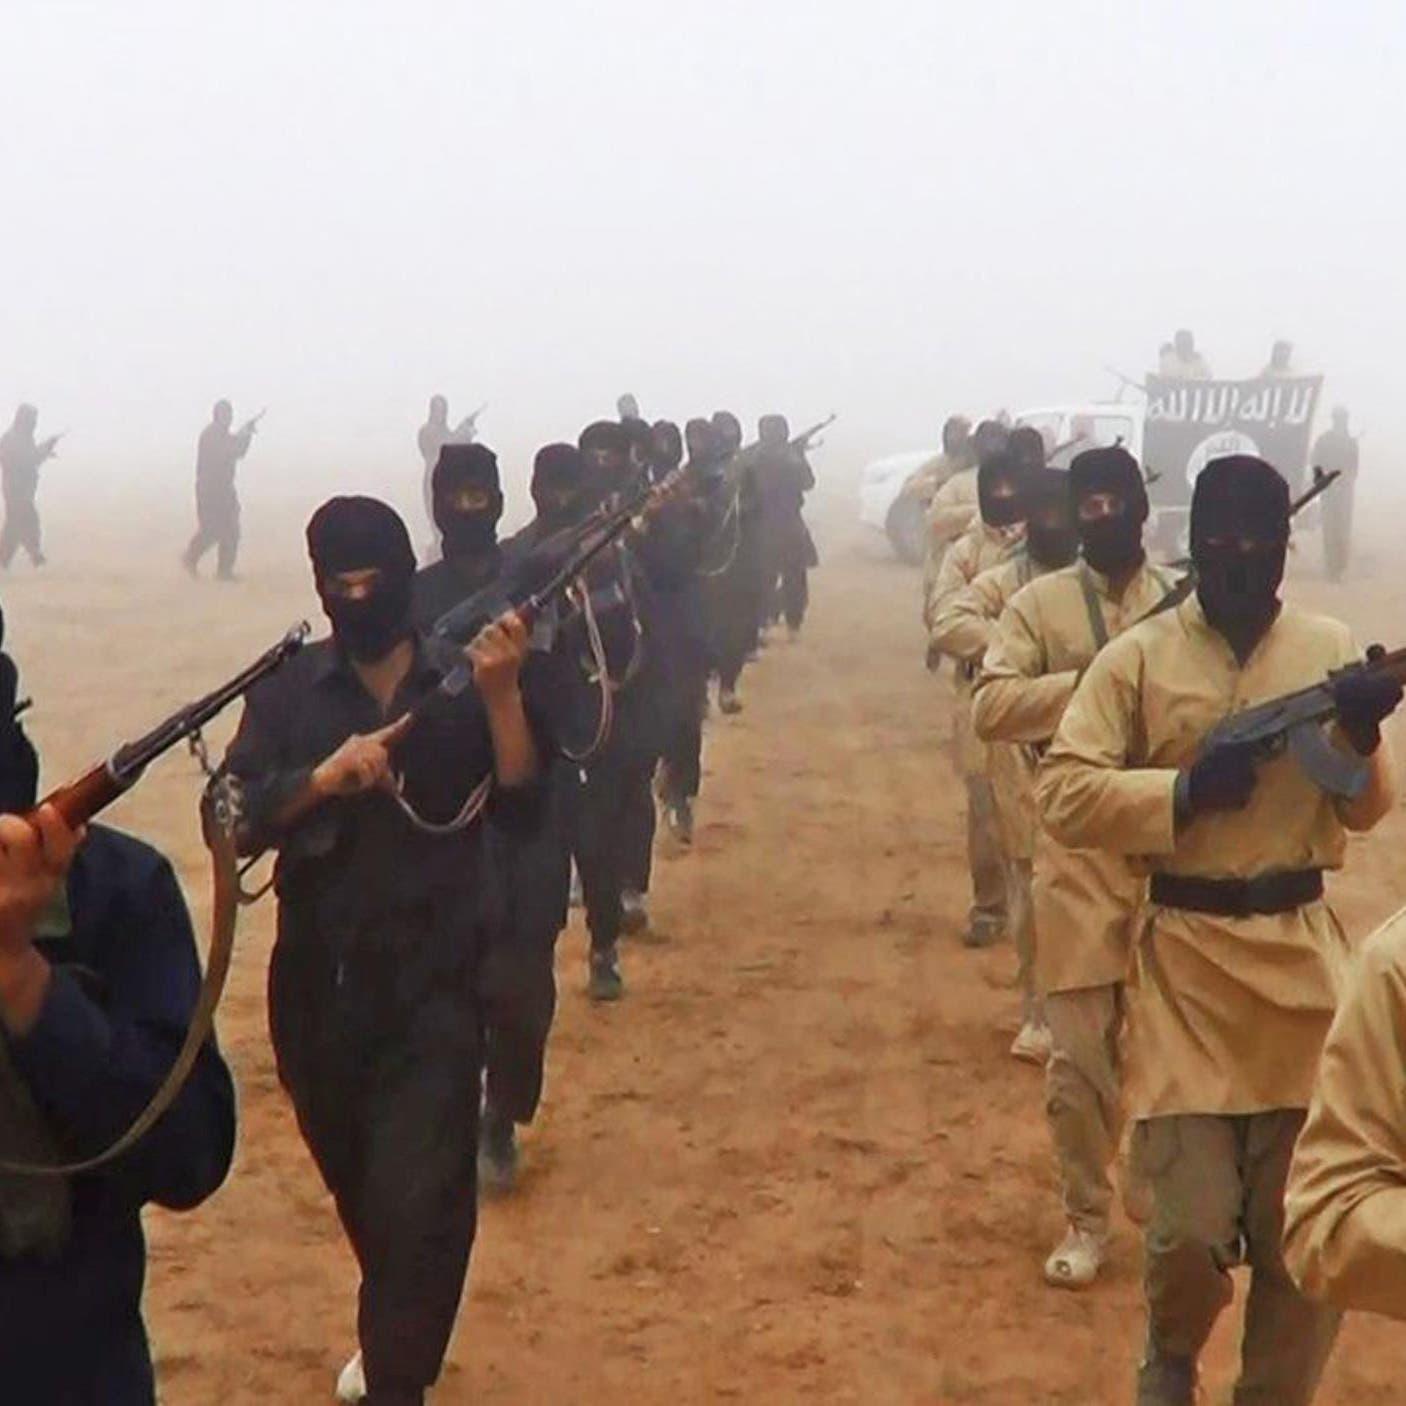 في العراق.. اعترافات لداعشيين اثنين: تدربنا في تركيا